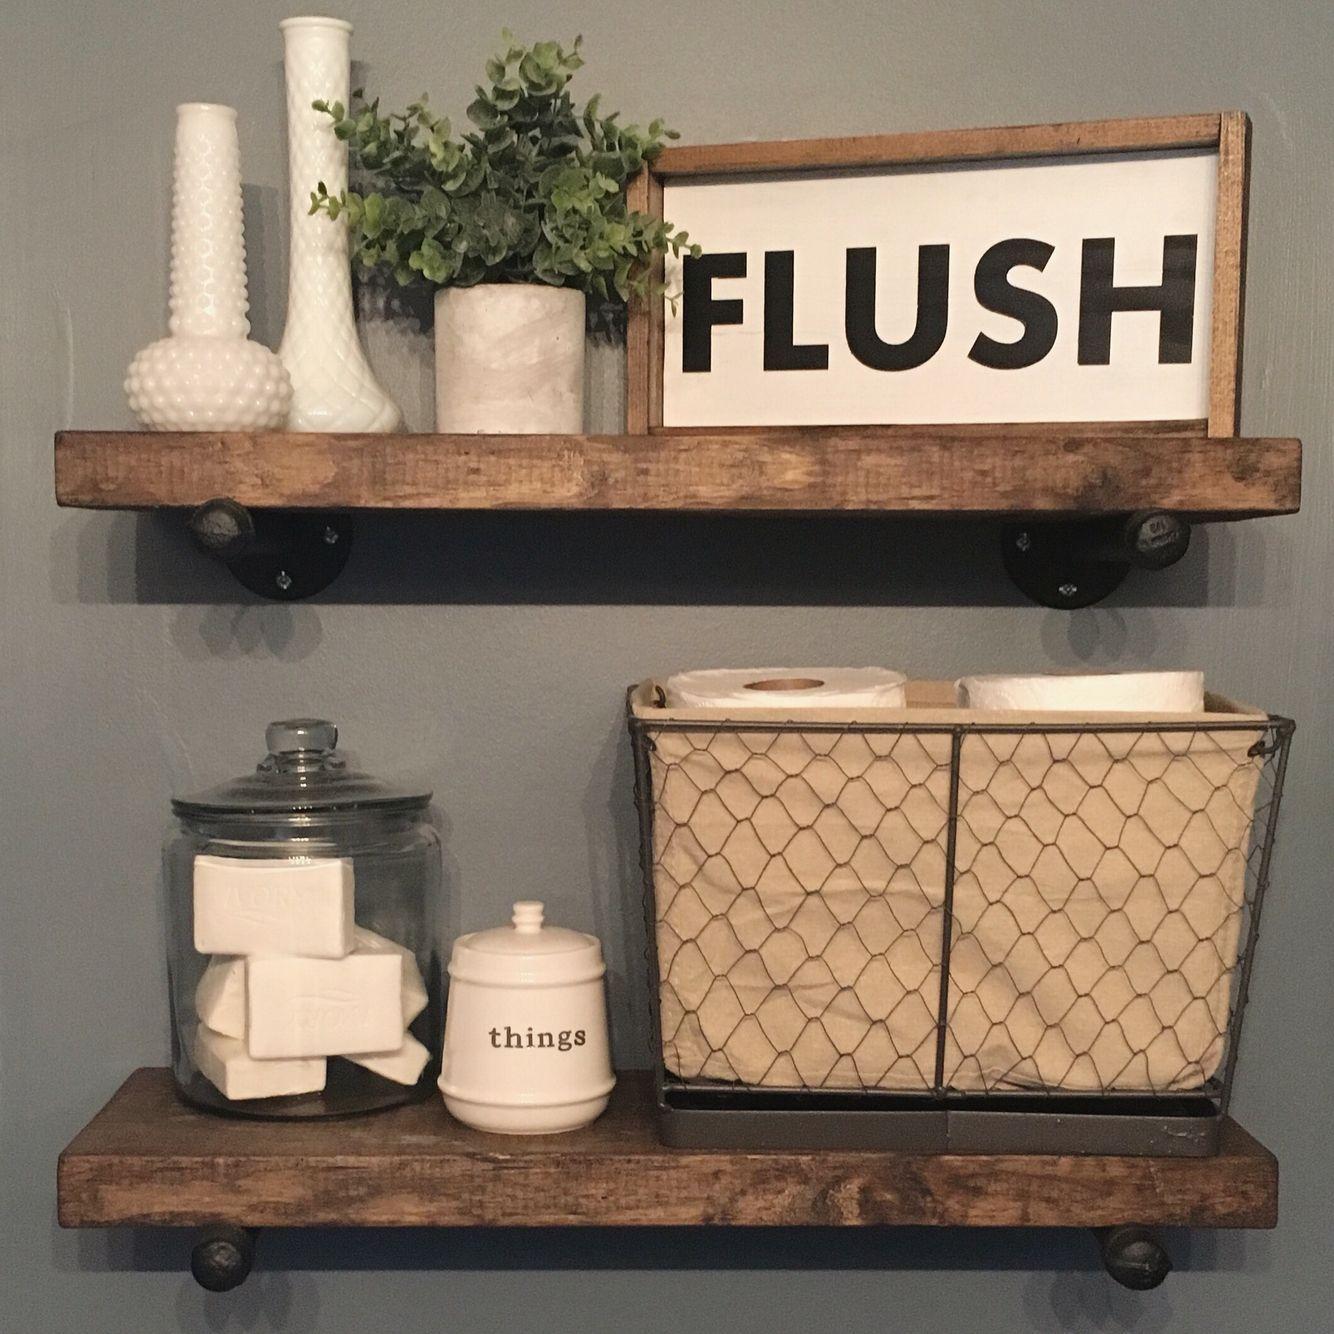 bathroom flush sign, custom home decor, farmhouse style decor